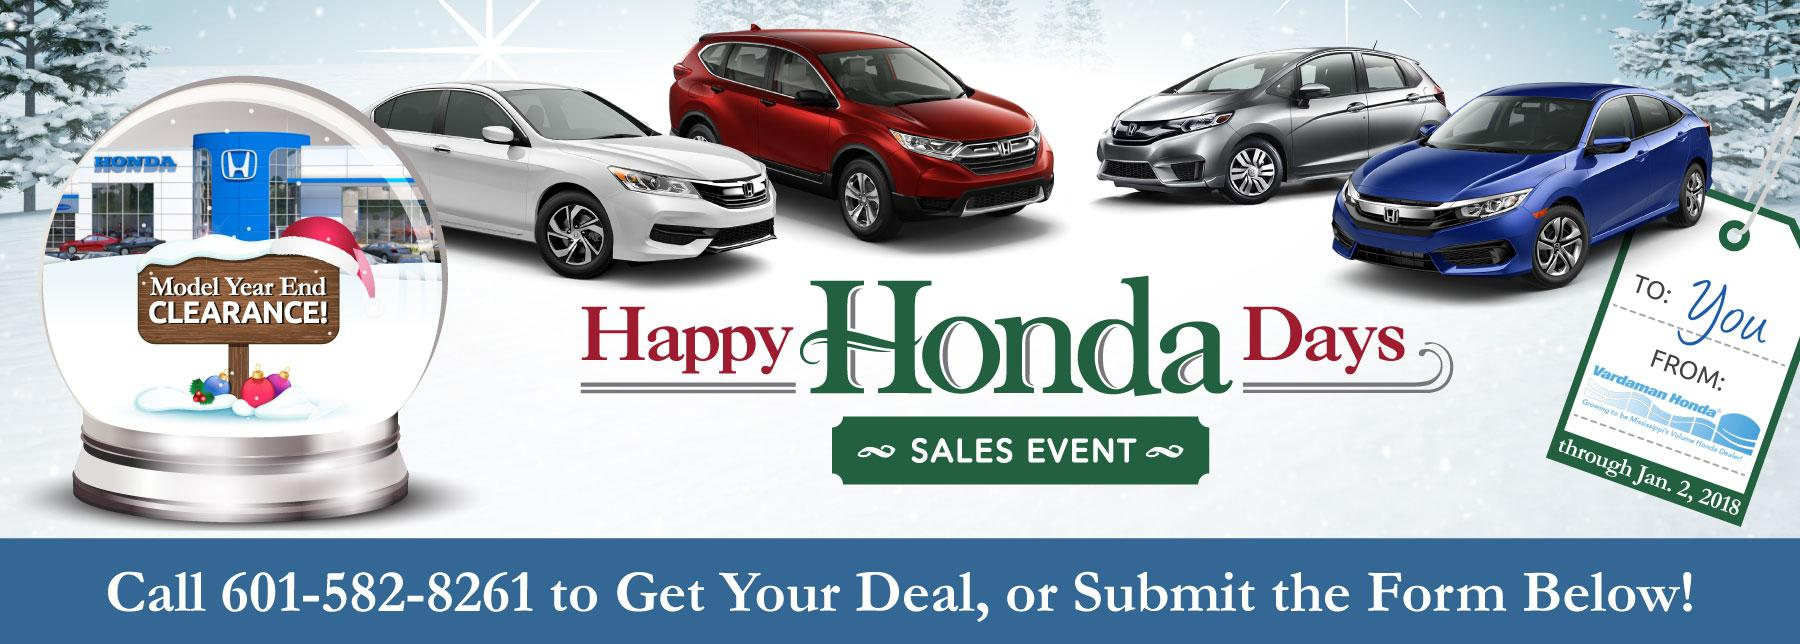 Happy Honda Days >> Happy Honda Days